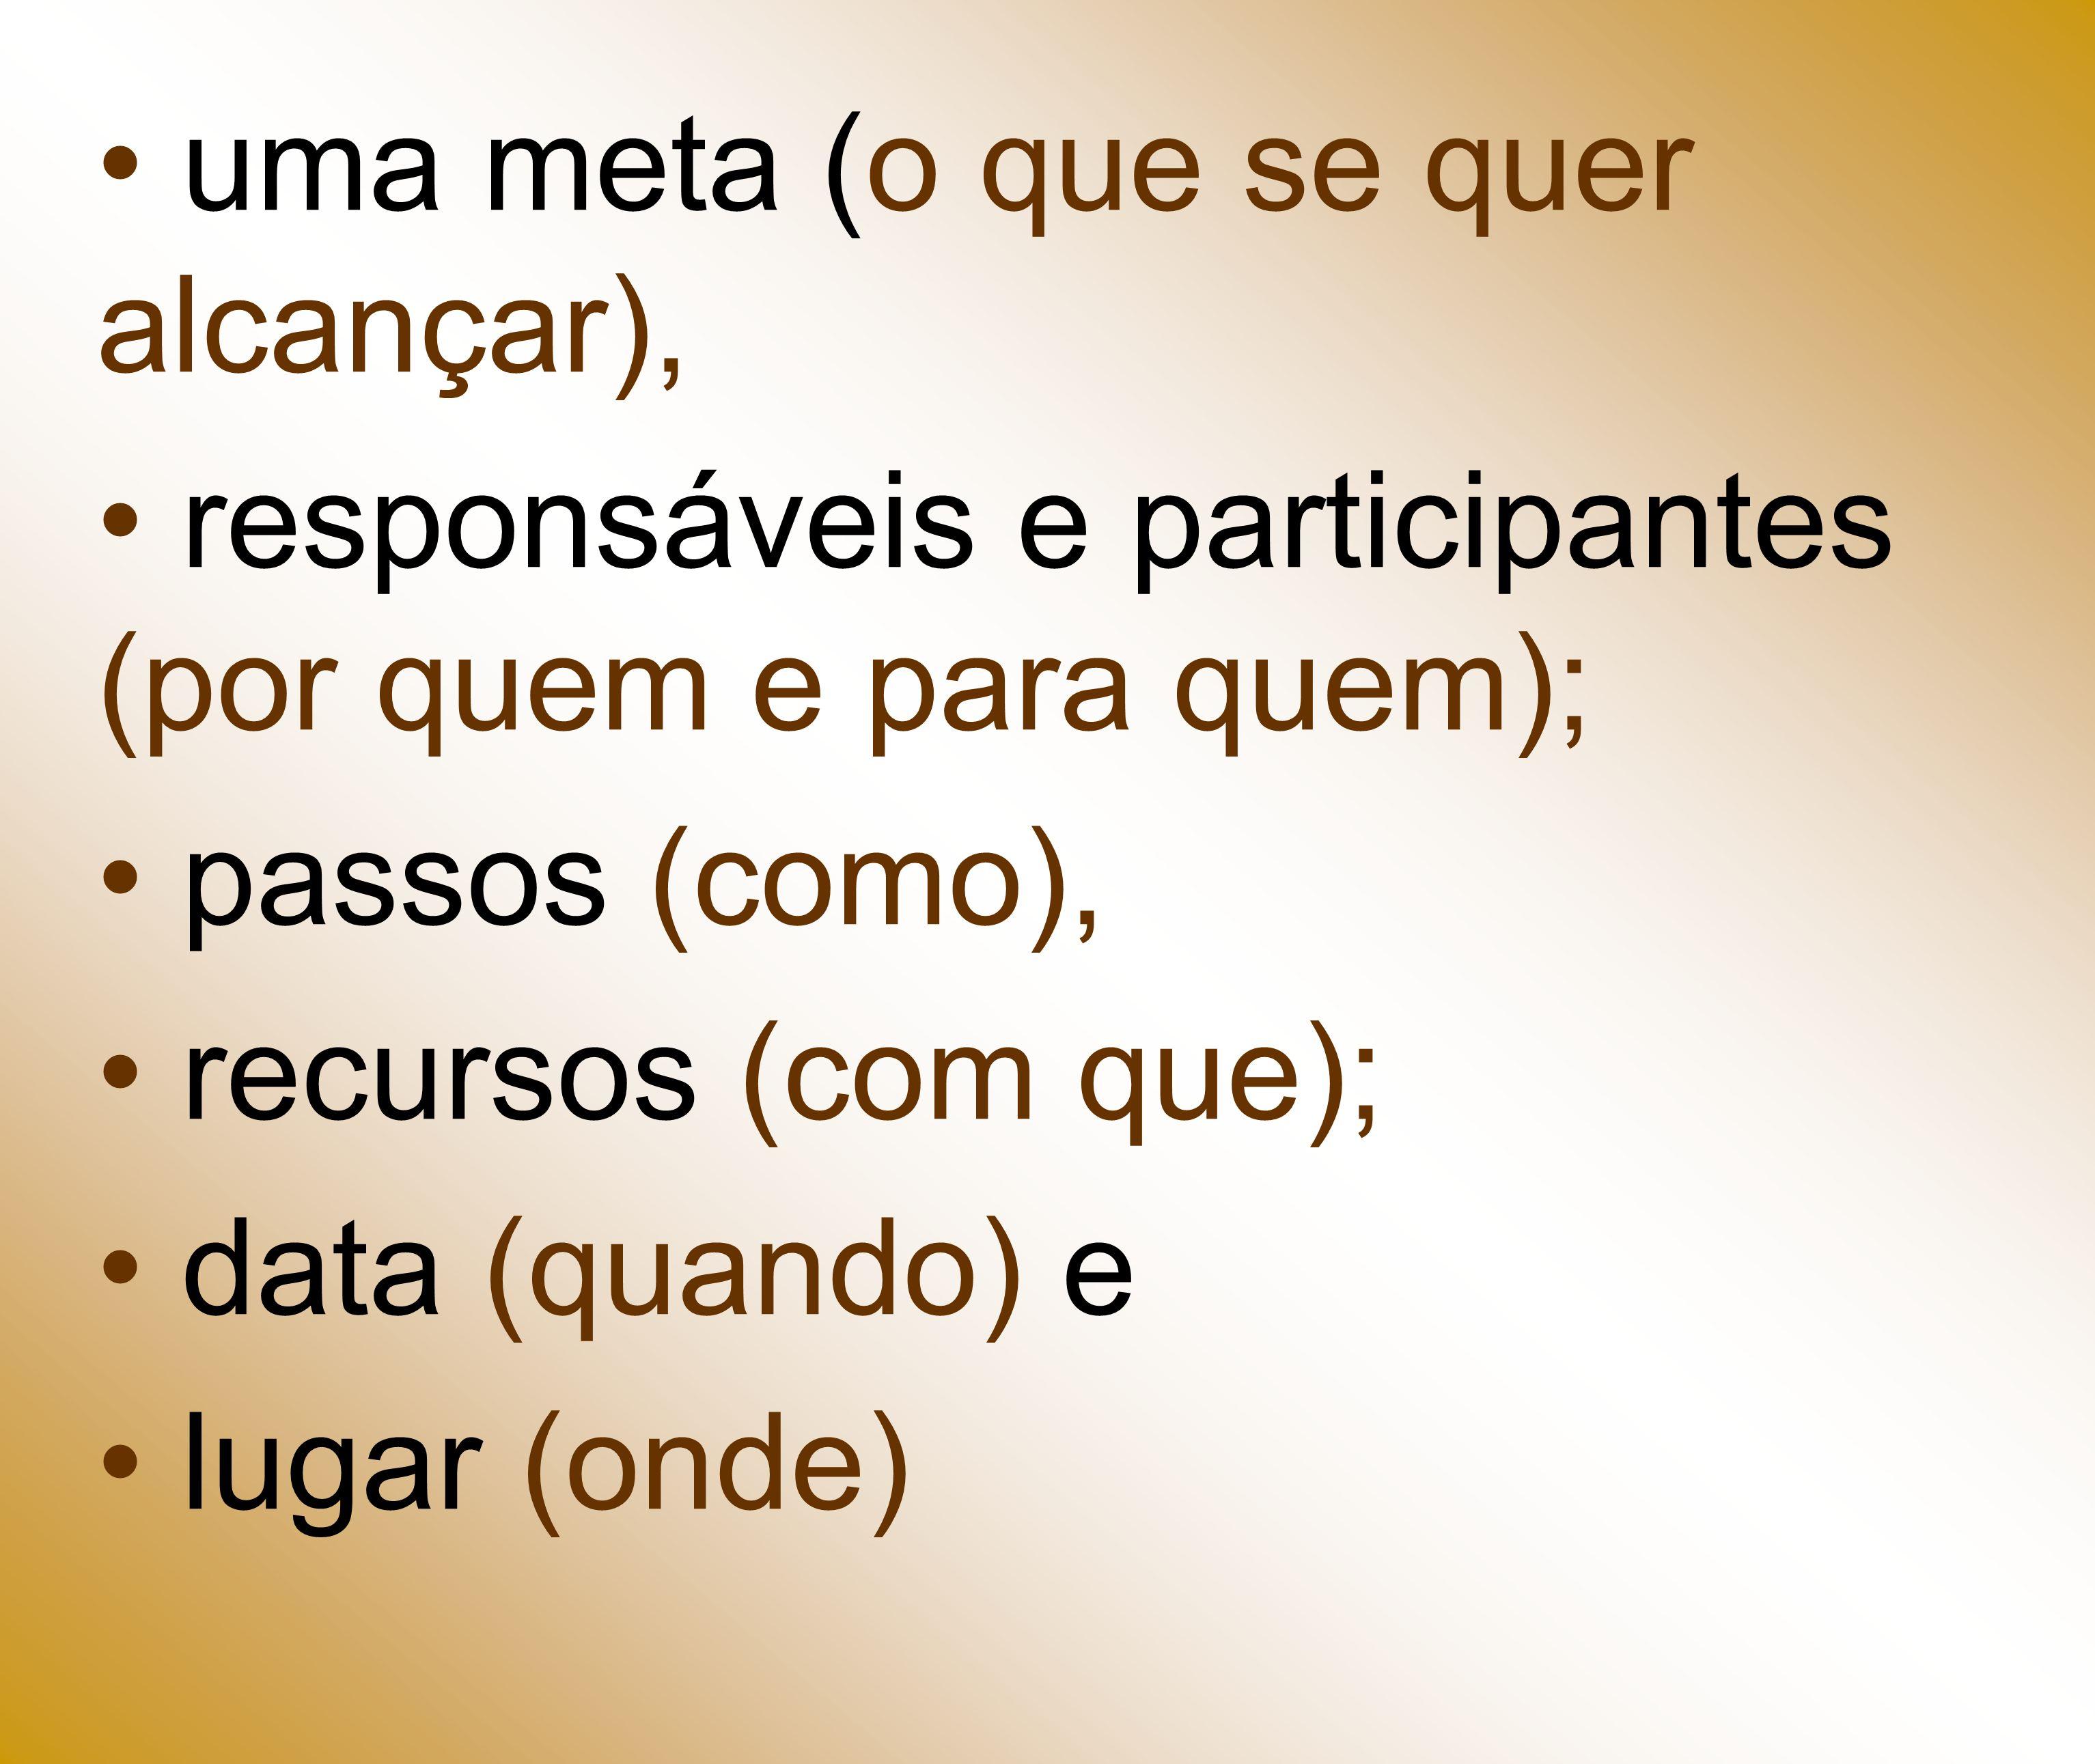 uma meta (o que se quer alcançar), responsáveis e participantes (por quem e para quem); passos (como), recursos (com que); data (quando) e lugar (onde